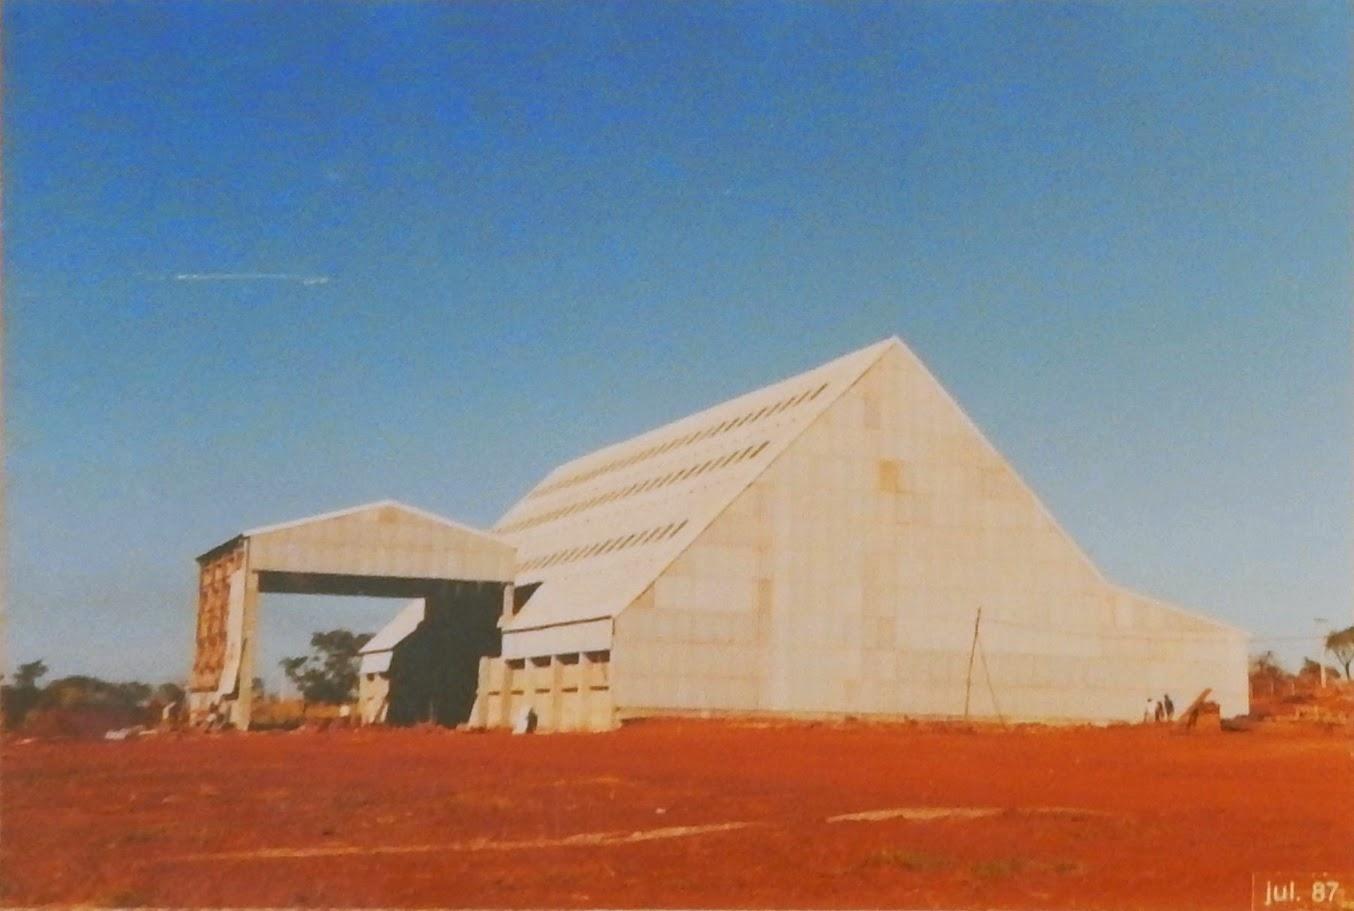 O fechamento do galpão, com telhas de fibrocimento, escondeu a beleza das estruturas de madeira.